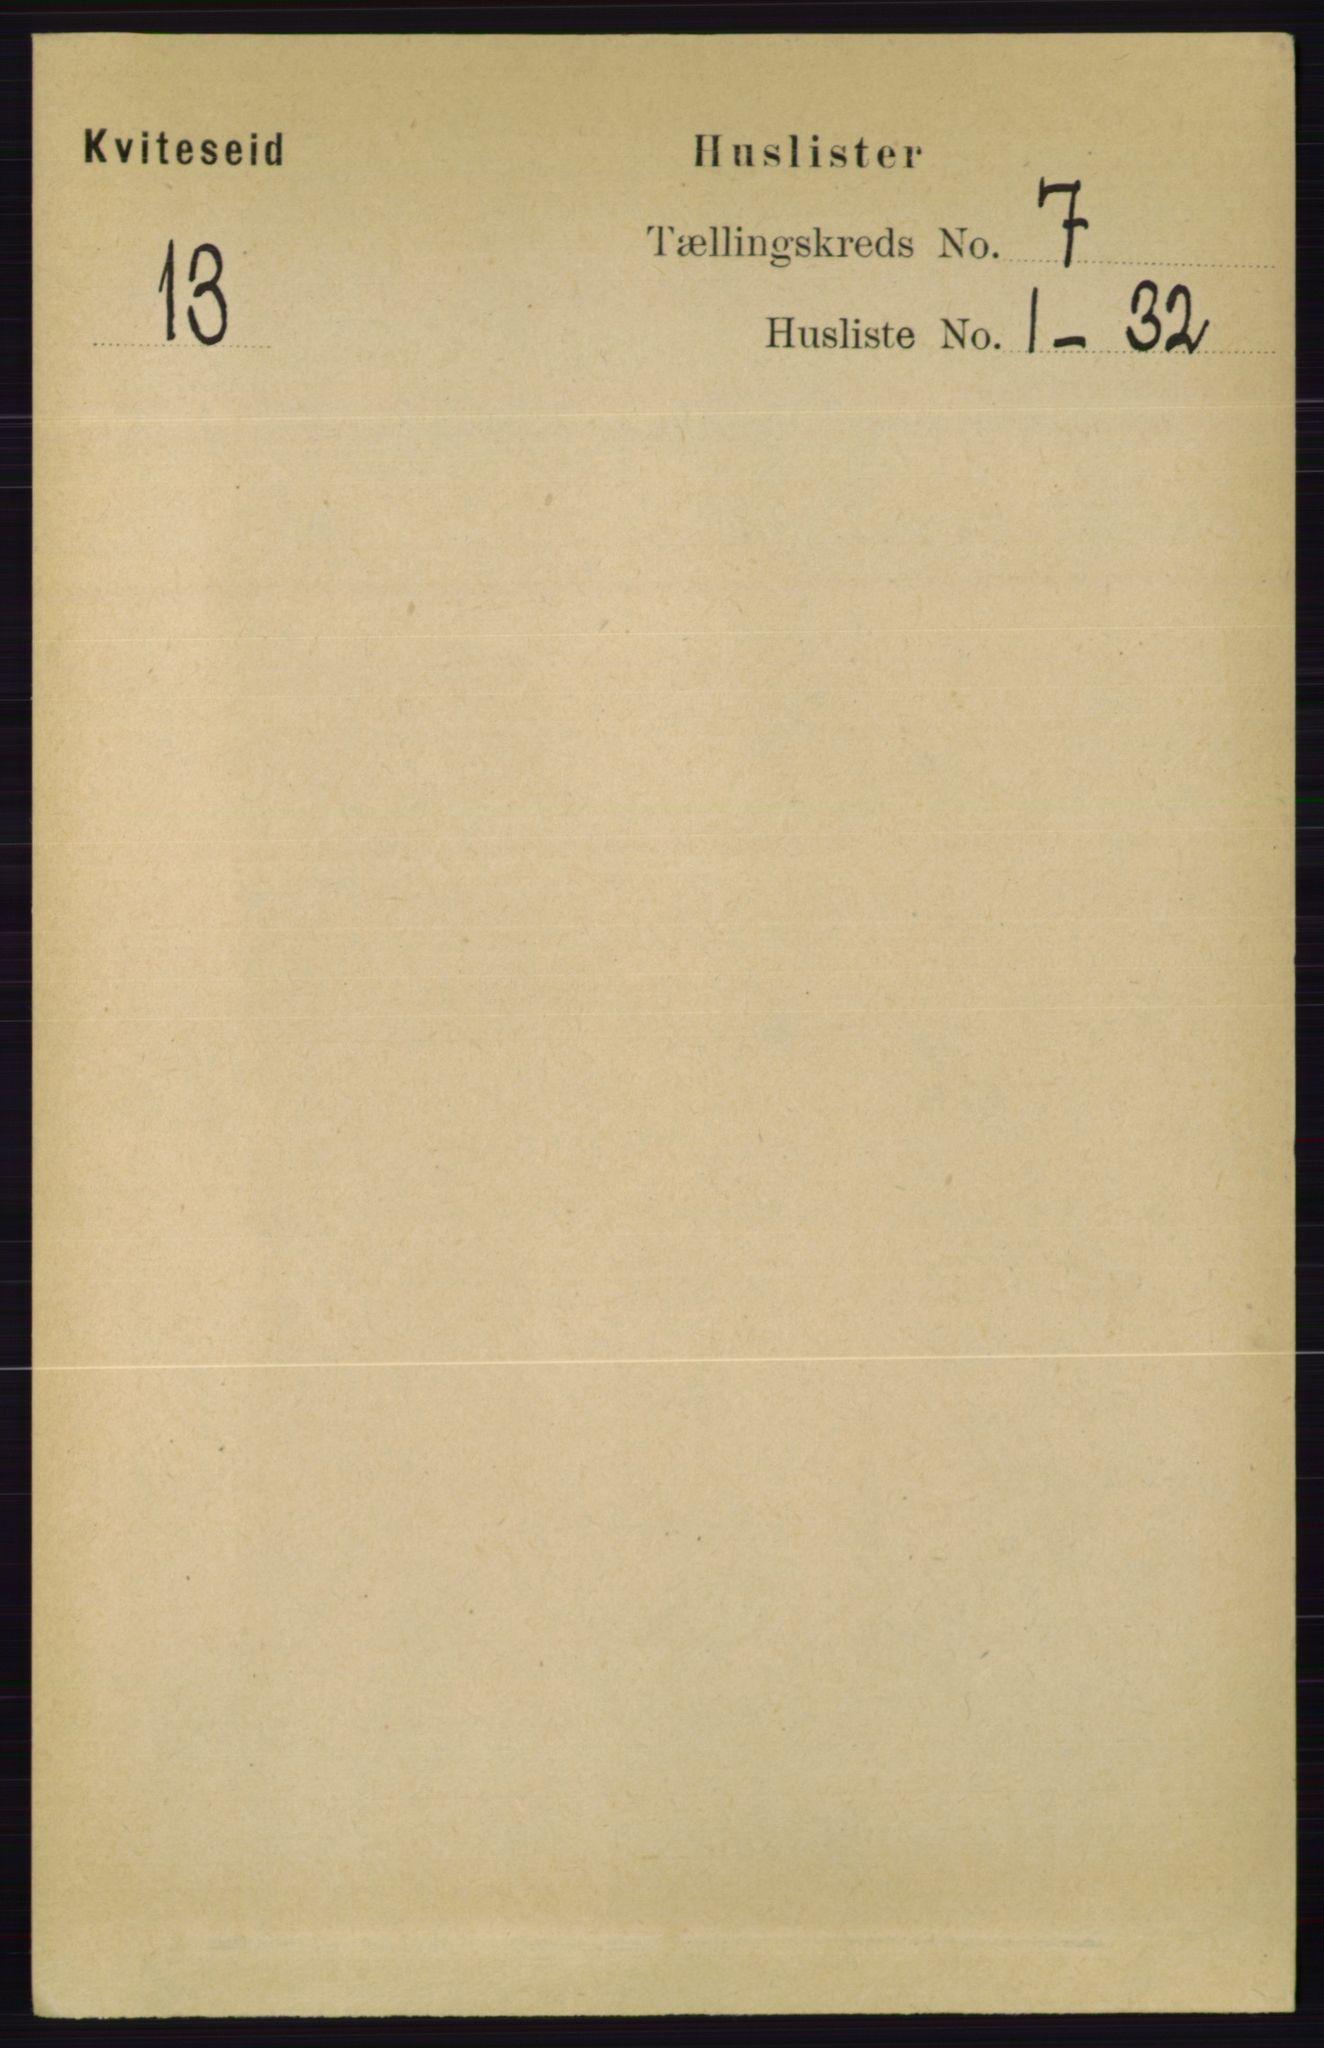 RA, Folketelling 1891 for 0829 Kviteseid herred, 1891, s. 1329